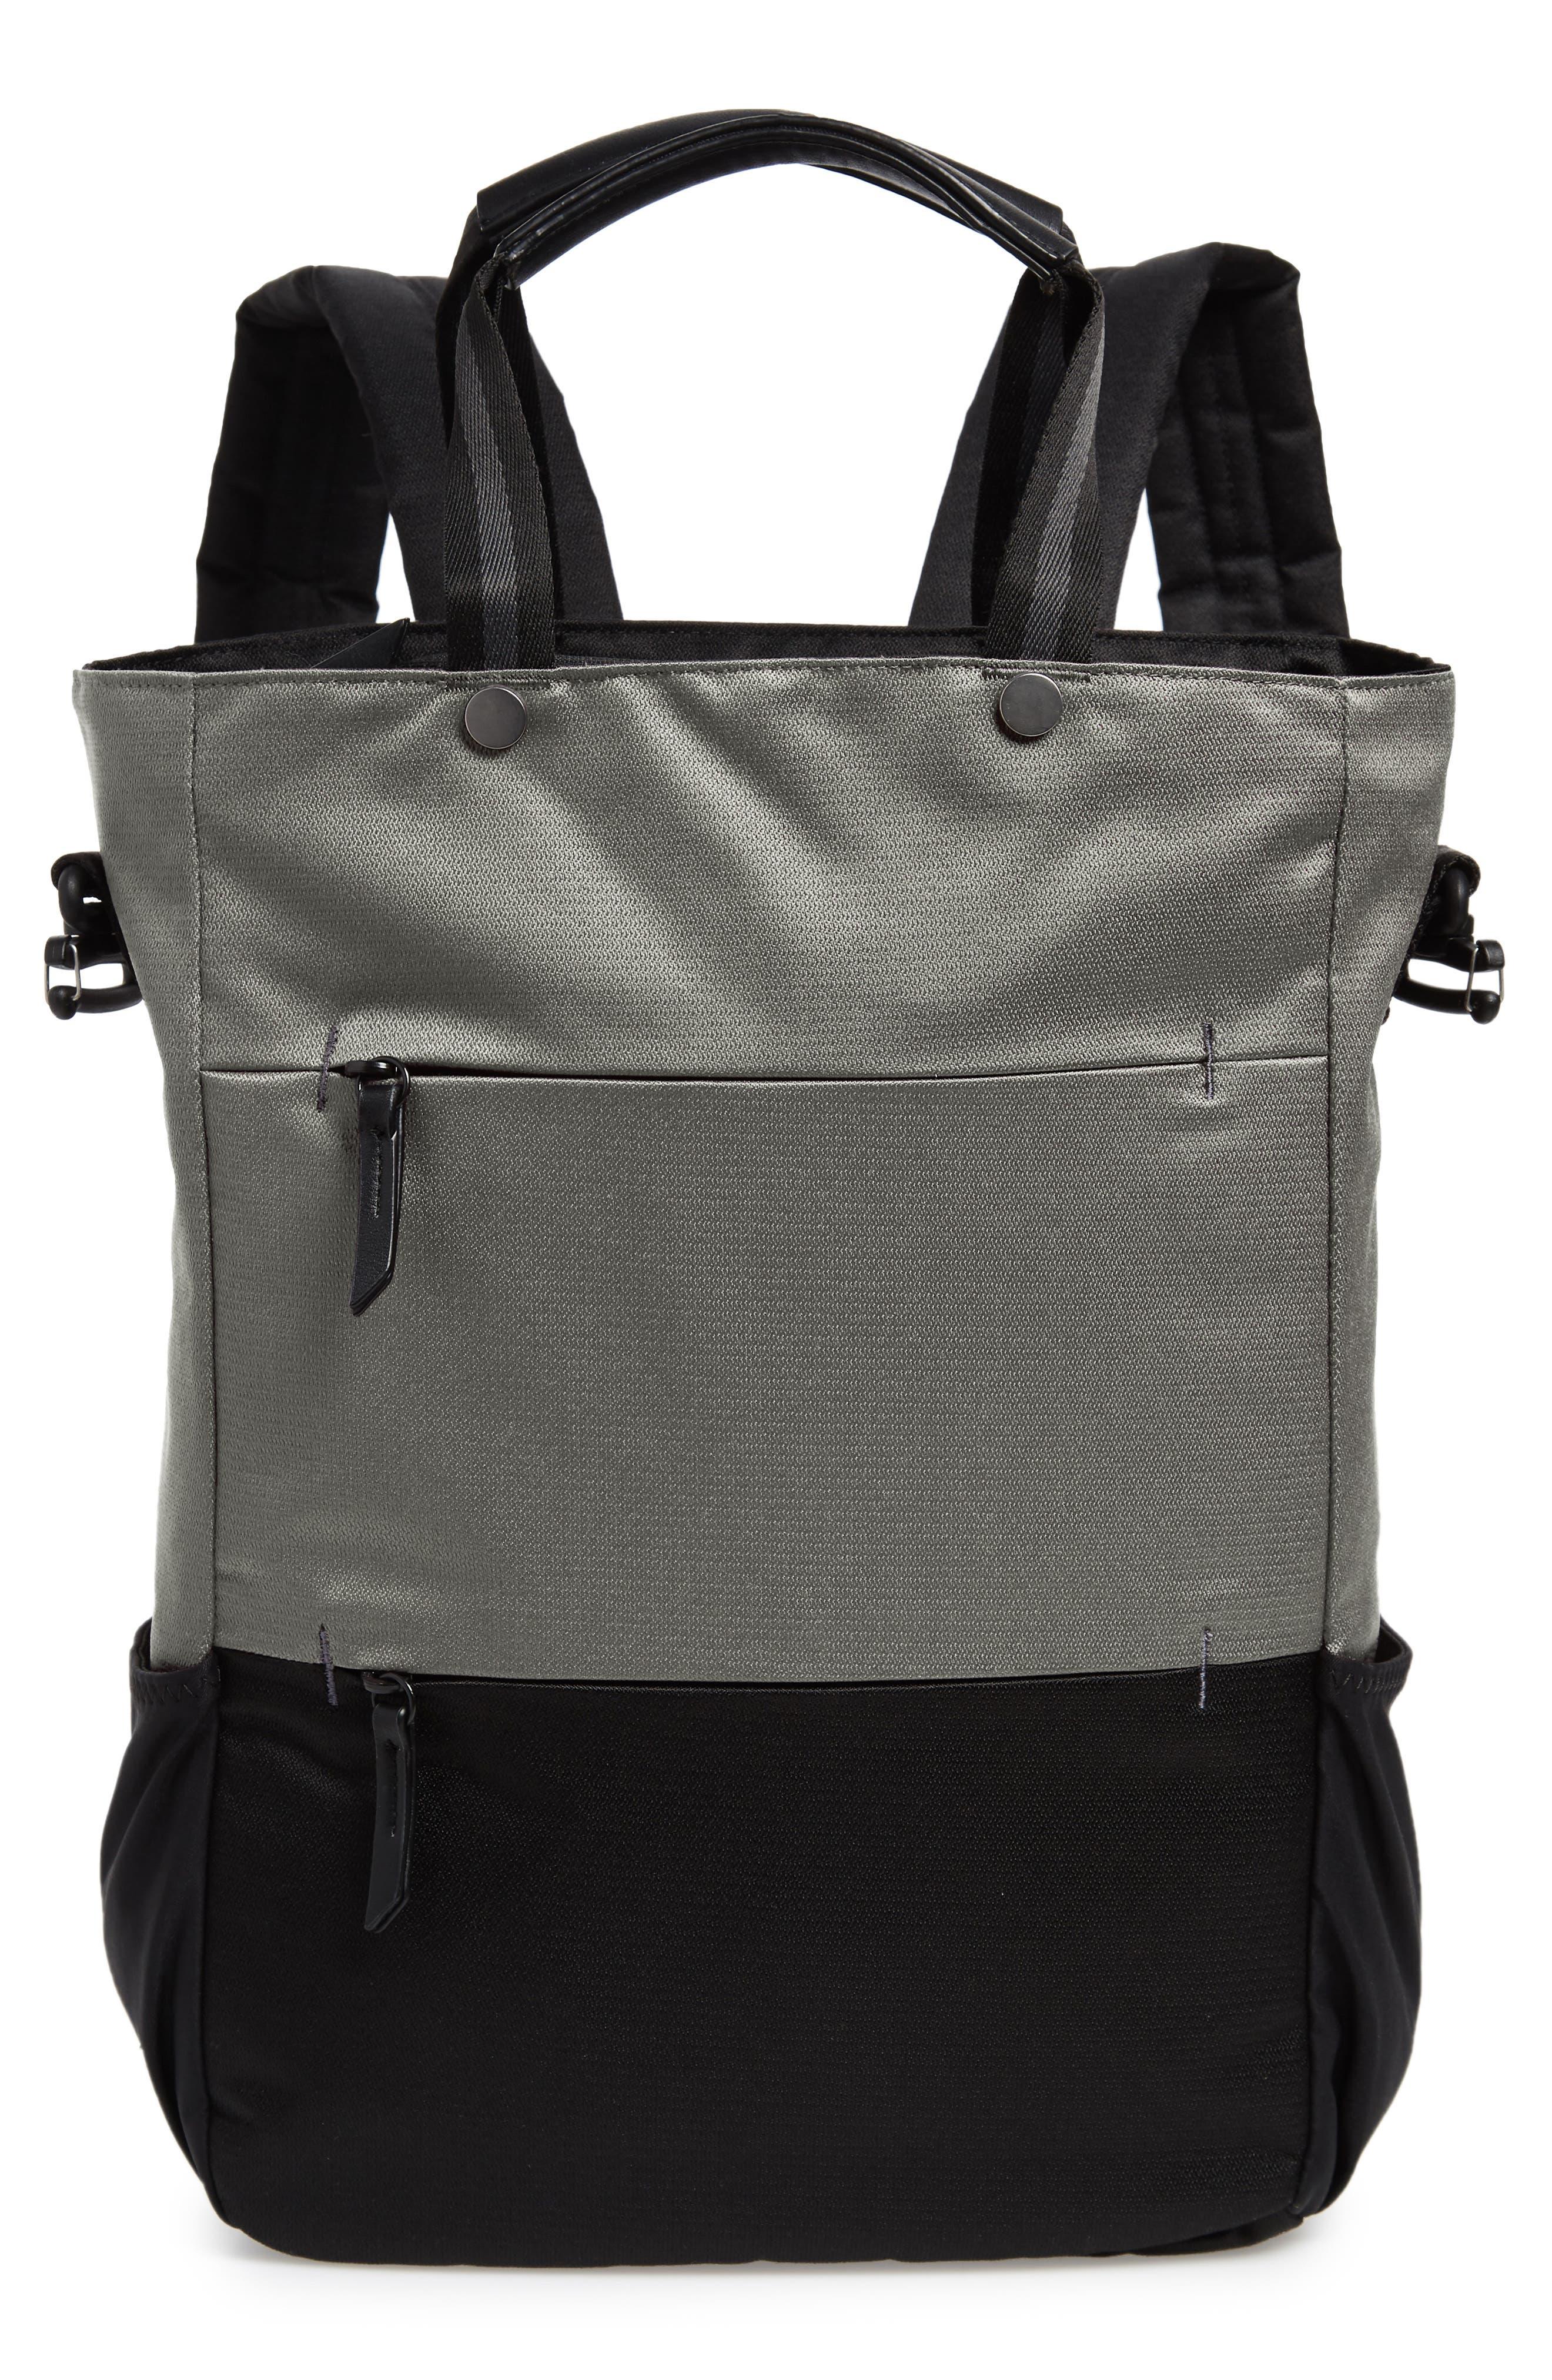 Camden RFID Convertible Backpack,                             Main thumbnail 1, color,                             GREY FLINT/ BLACK